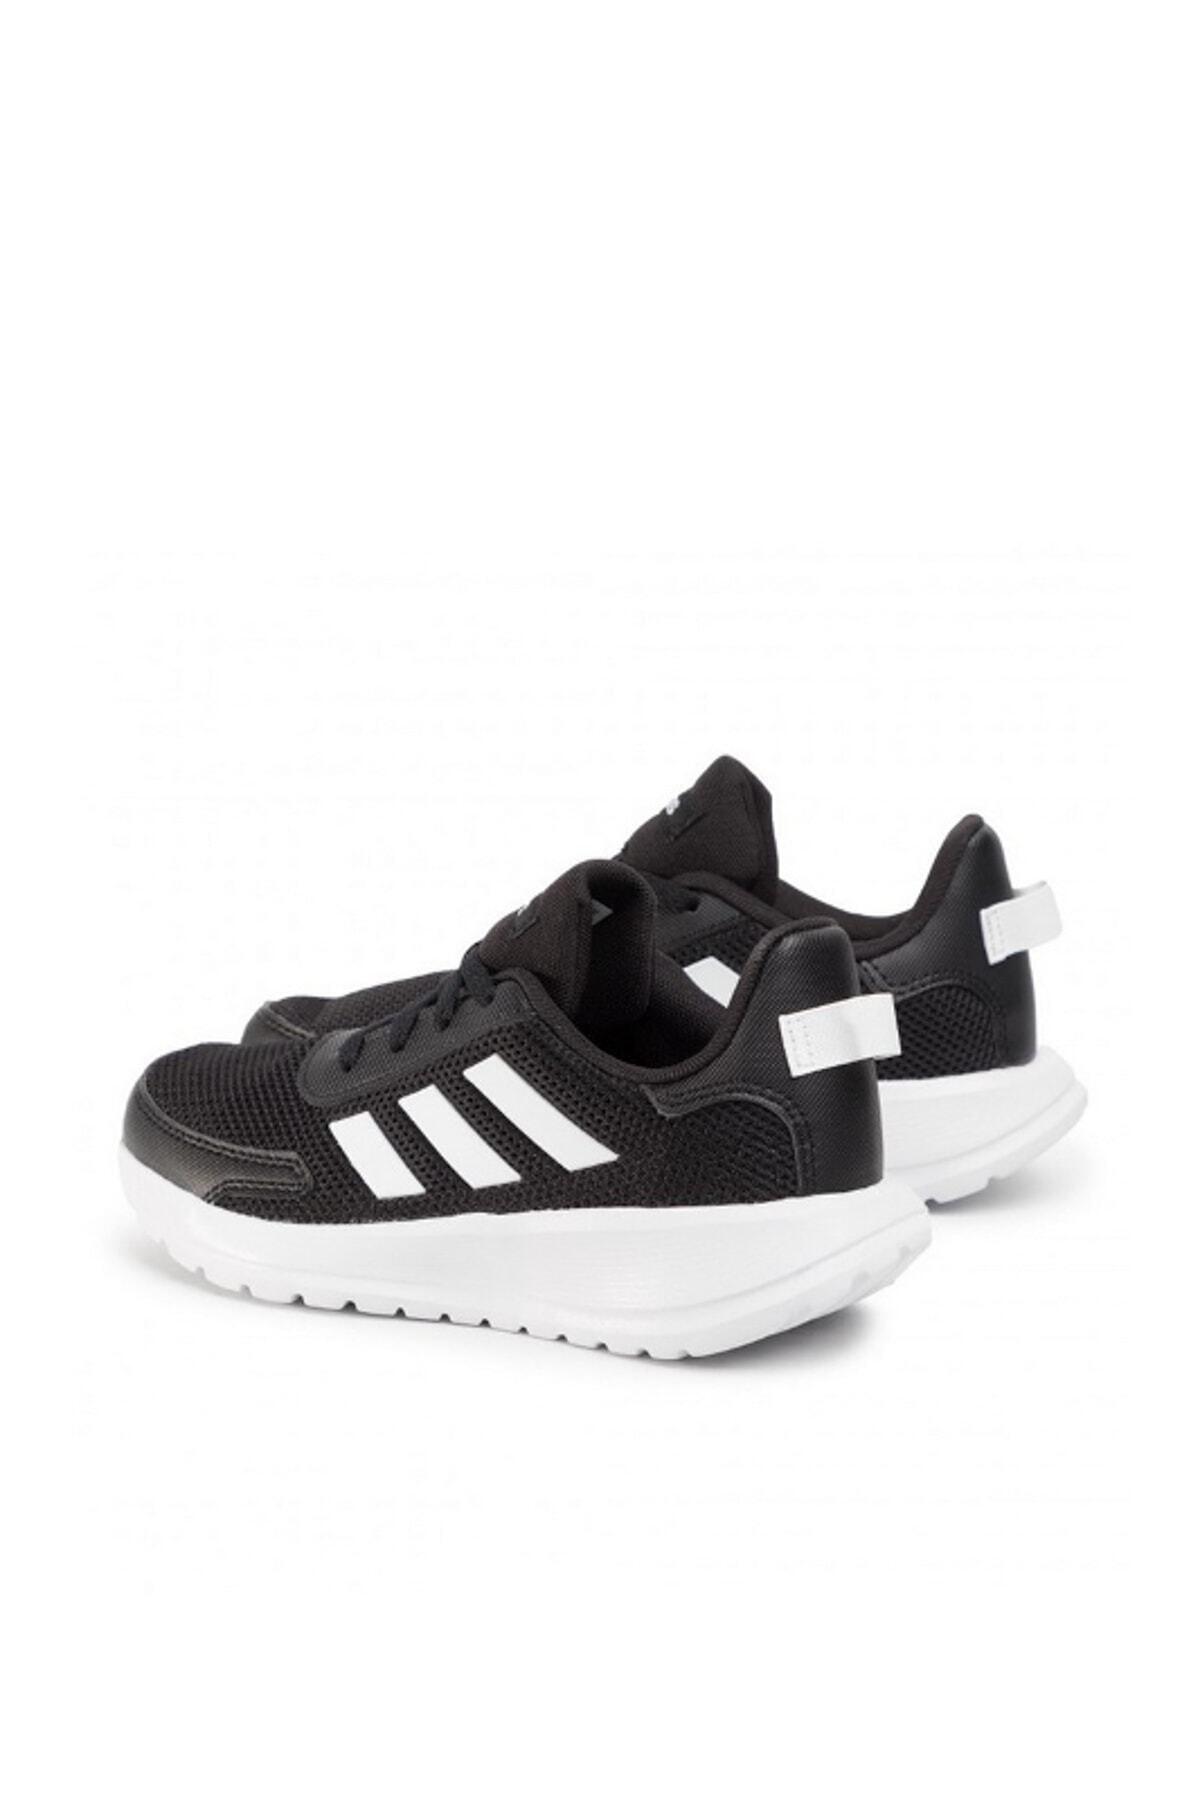 adidas TENSAUR RUN Siyah Erkek Çocuk Koşu Ayakkabısı 100531451 2